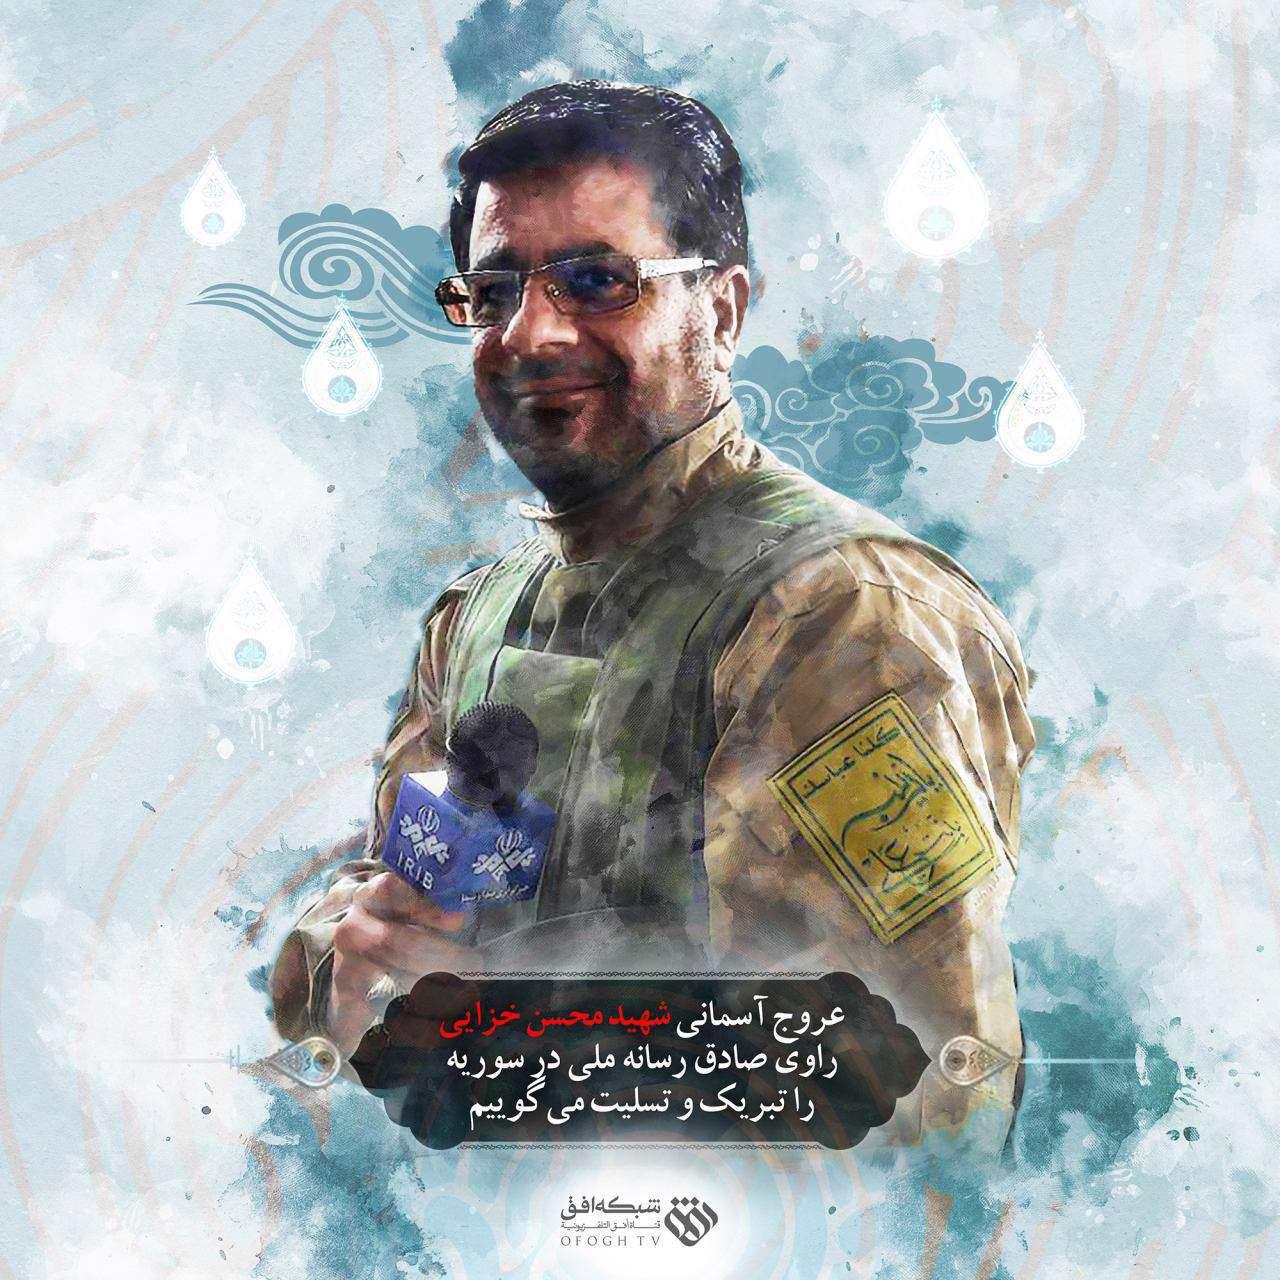 عروج آسمانی شهید محسن خزایی راوی صادق رسانه ملی در سوریه را تبریک و تسلیت می گوییم